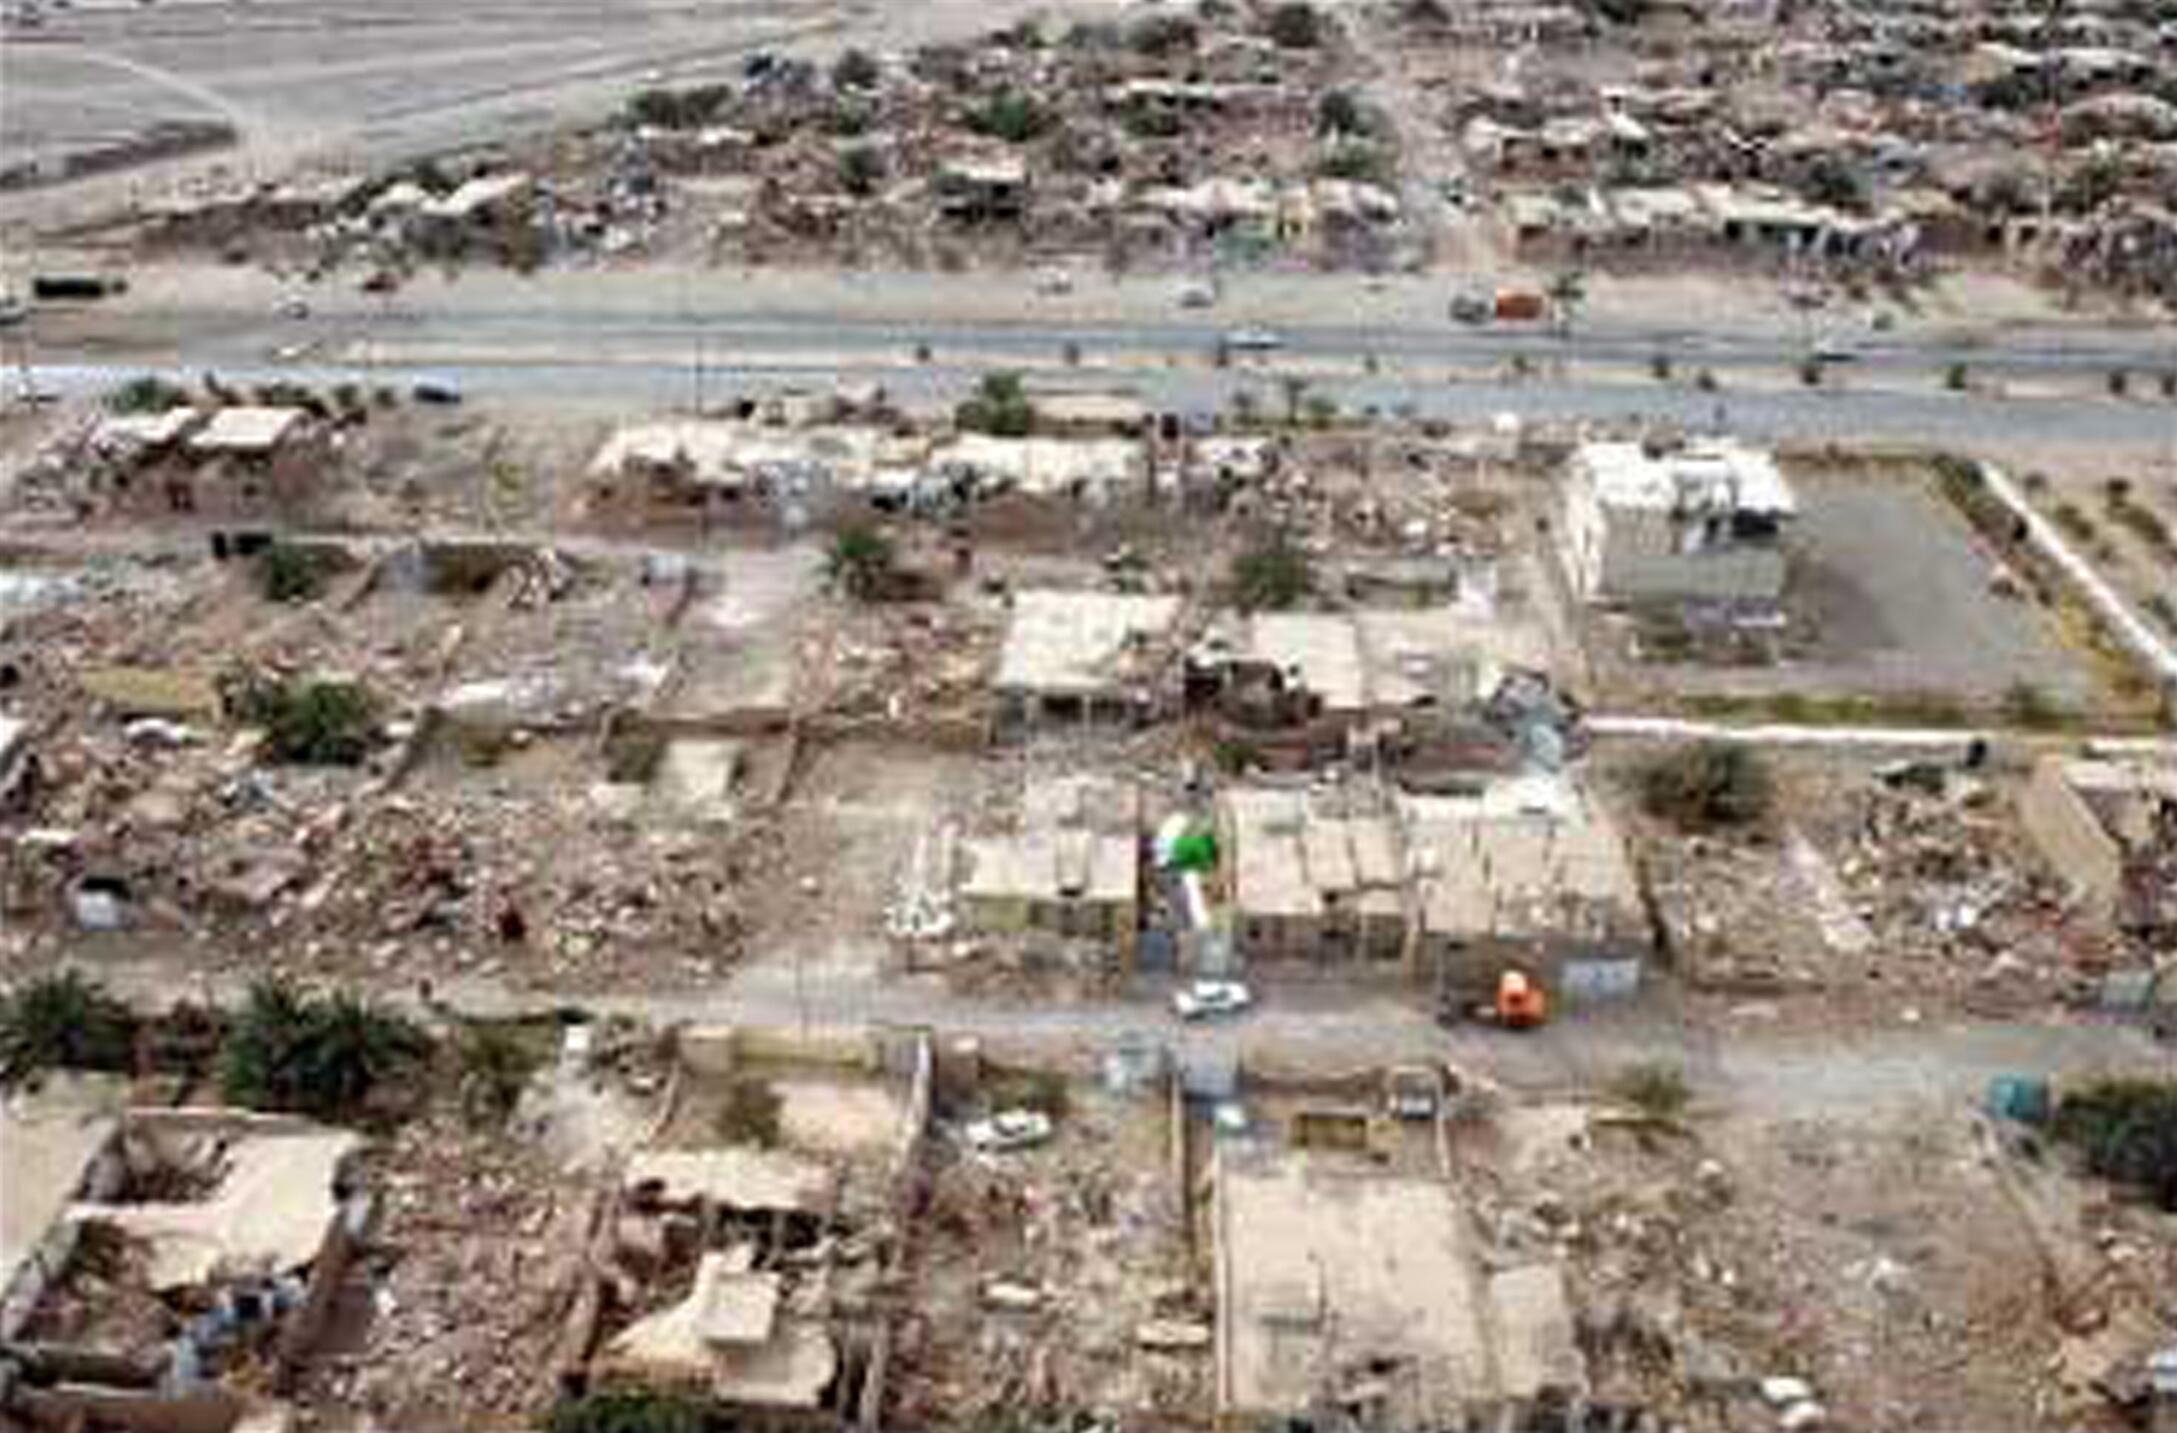 O terremoto de 6,1 na escala Ritcher destruiu casas da província de Bushehr, no sul do Irã, nesta terça-feira.